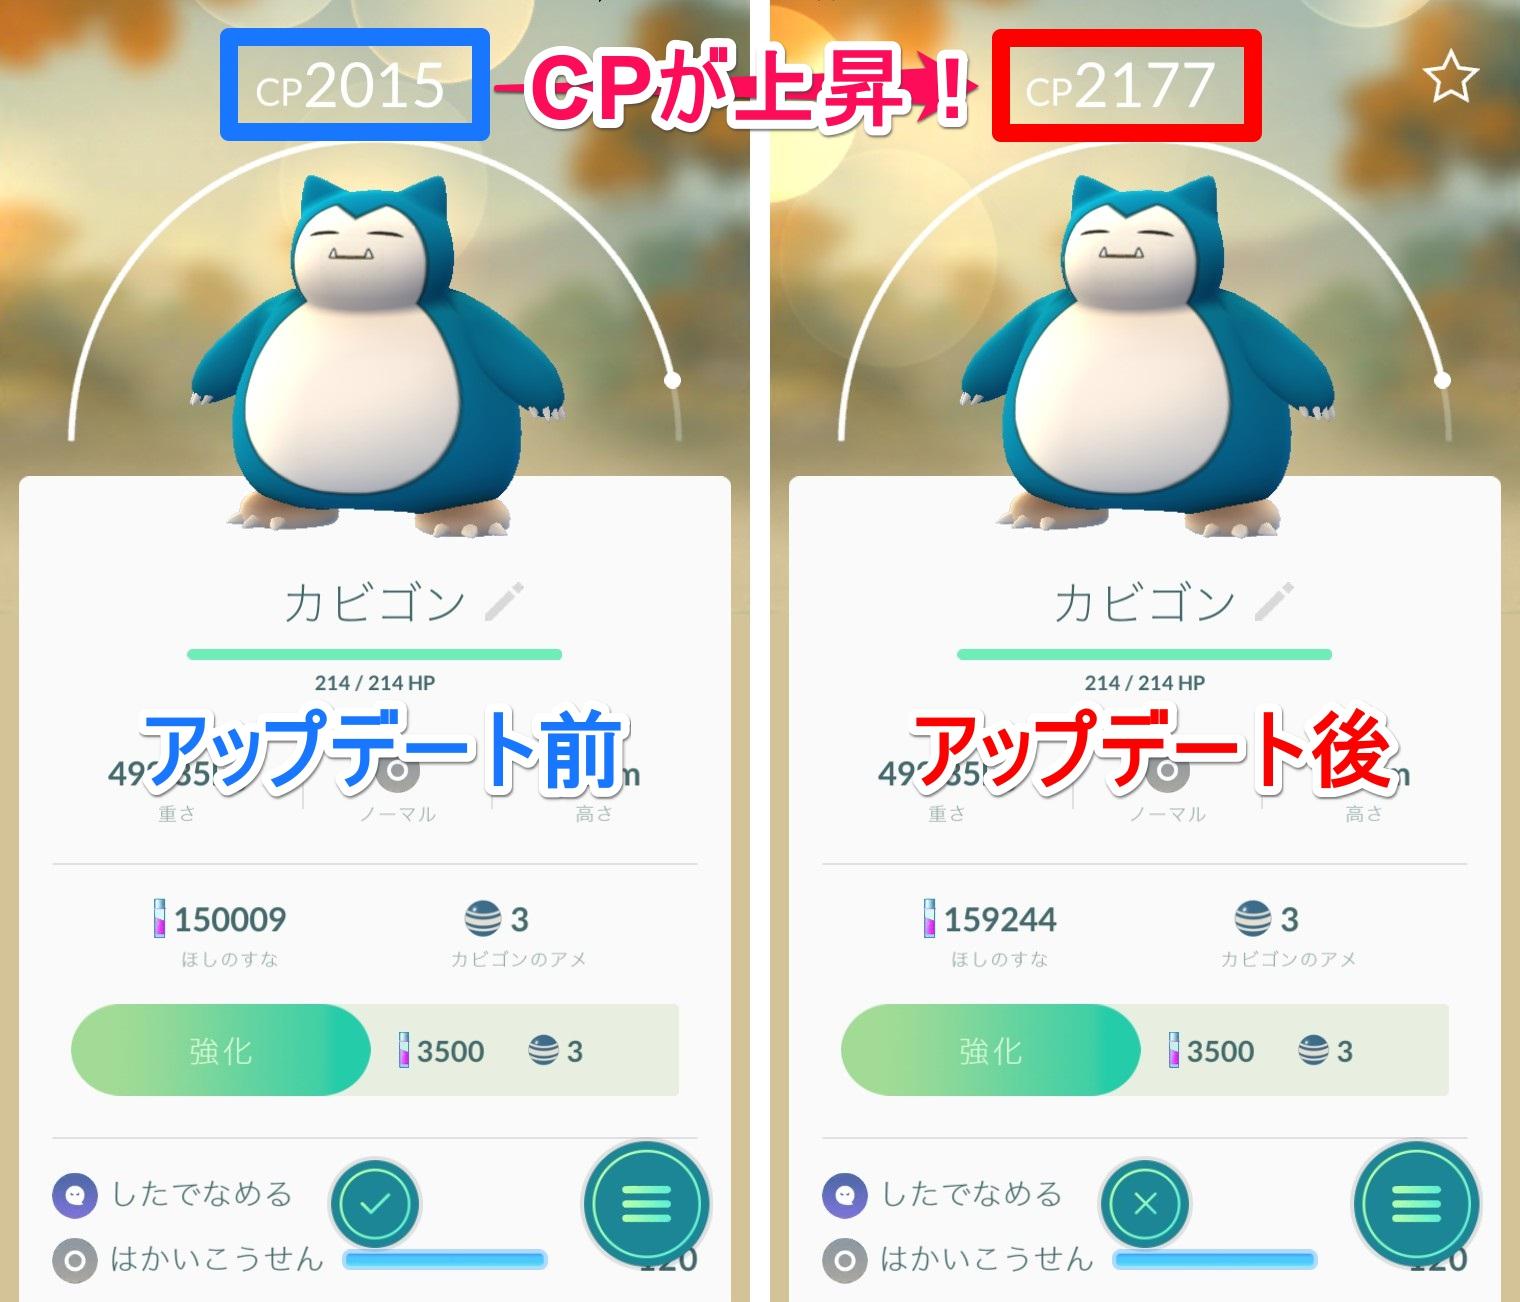 ポケモンgo【攻略】: アップデートでcpが大幅調整!注目すべきはこの